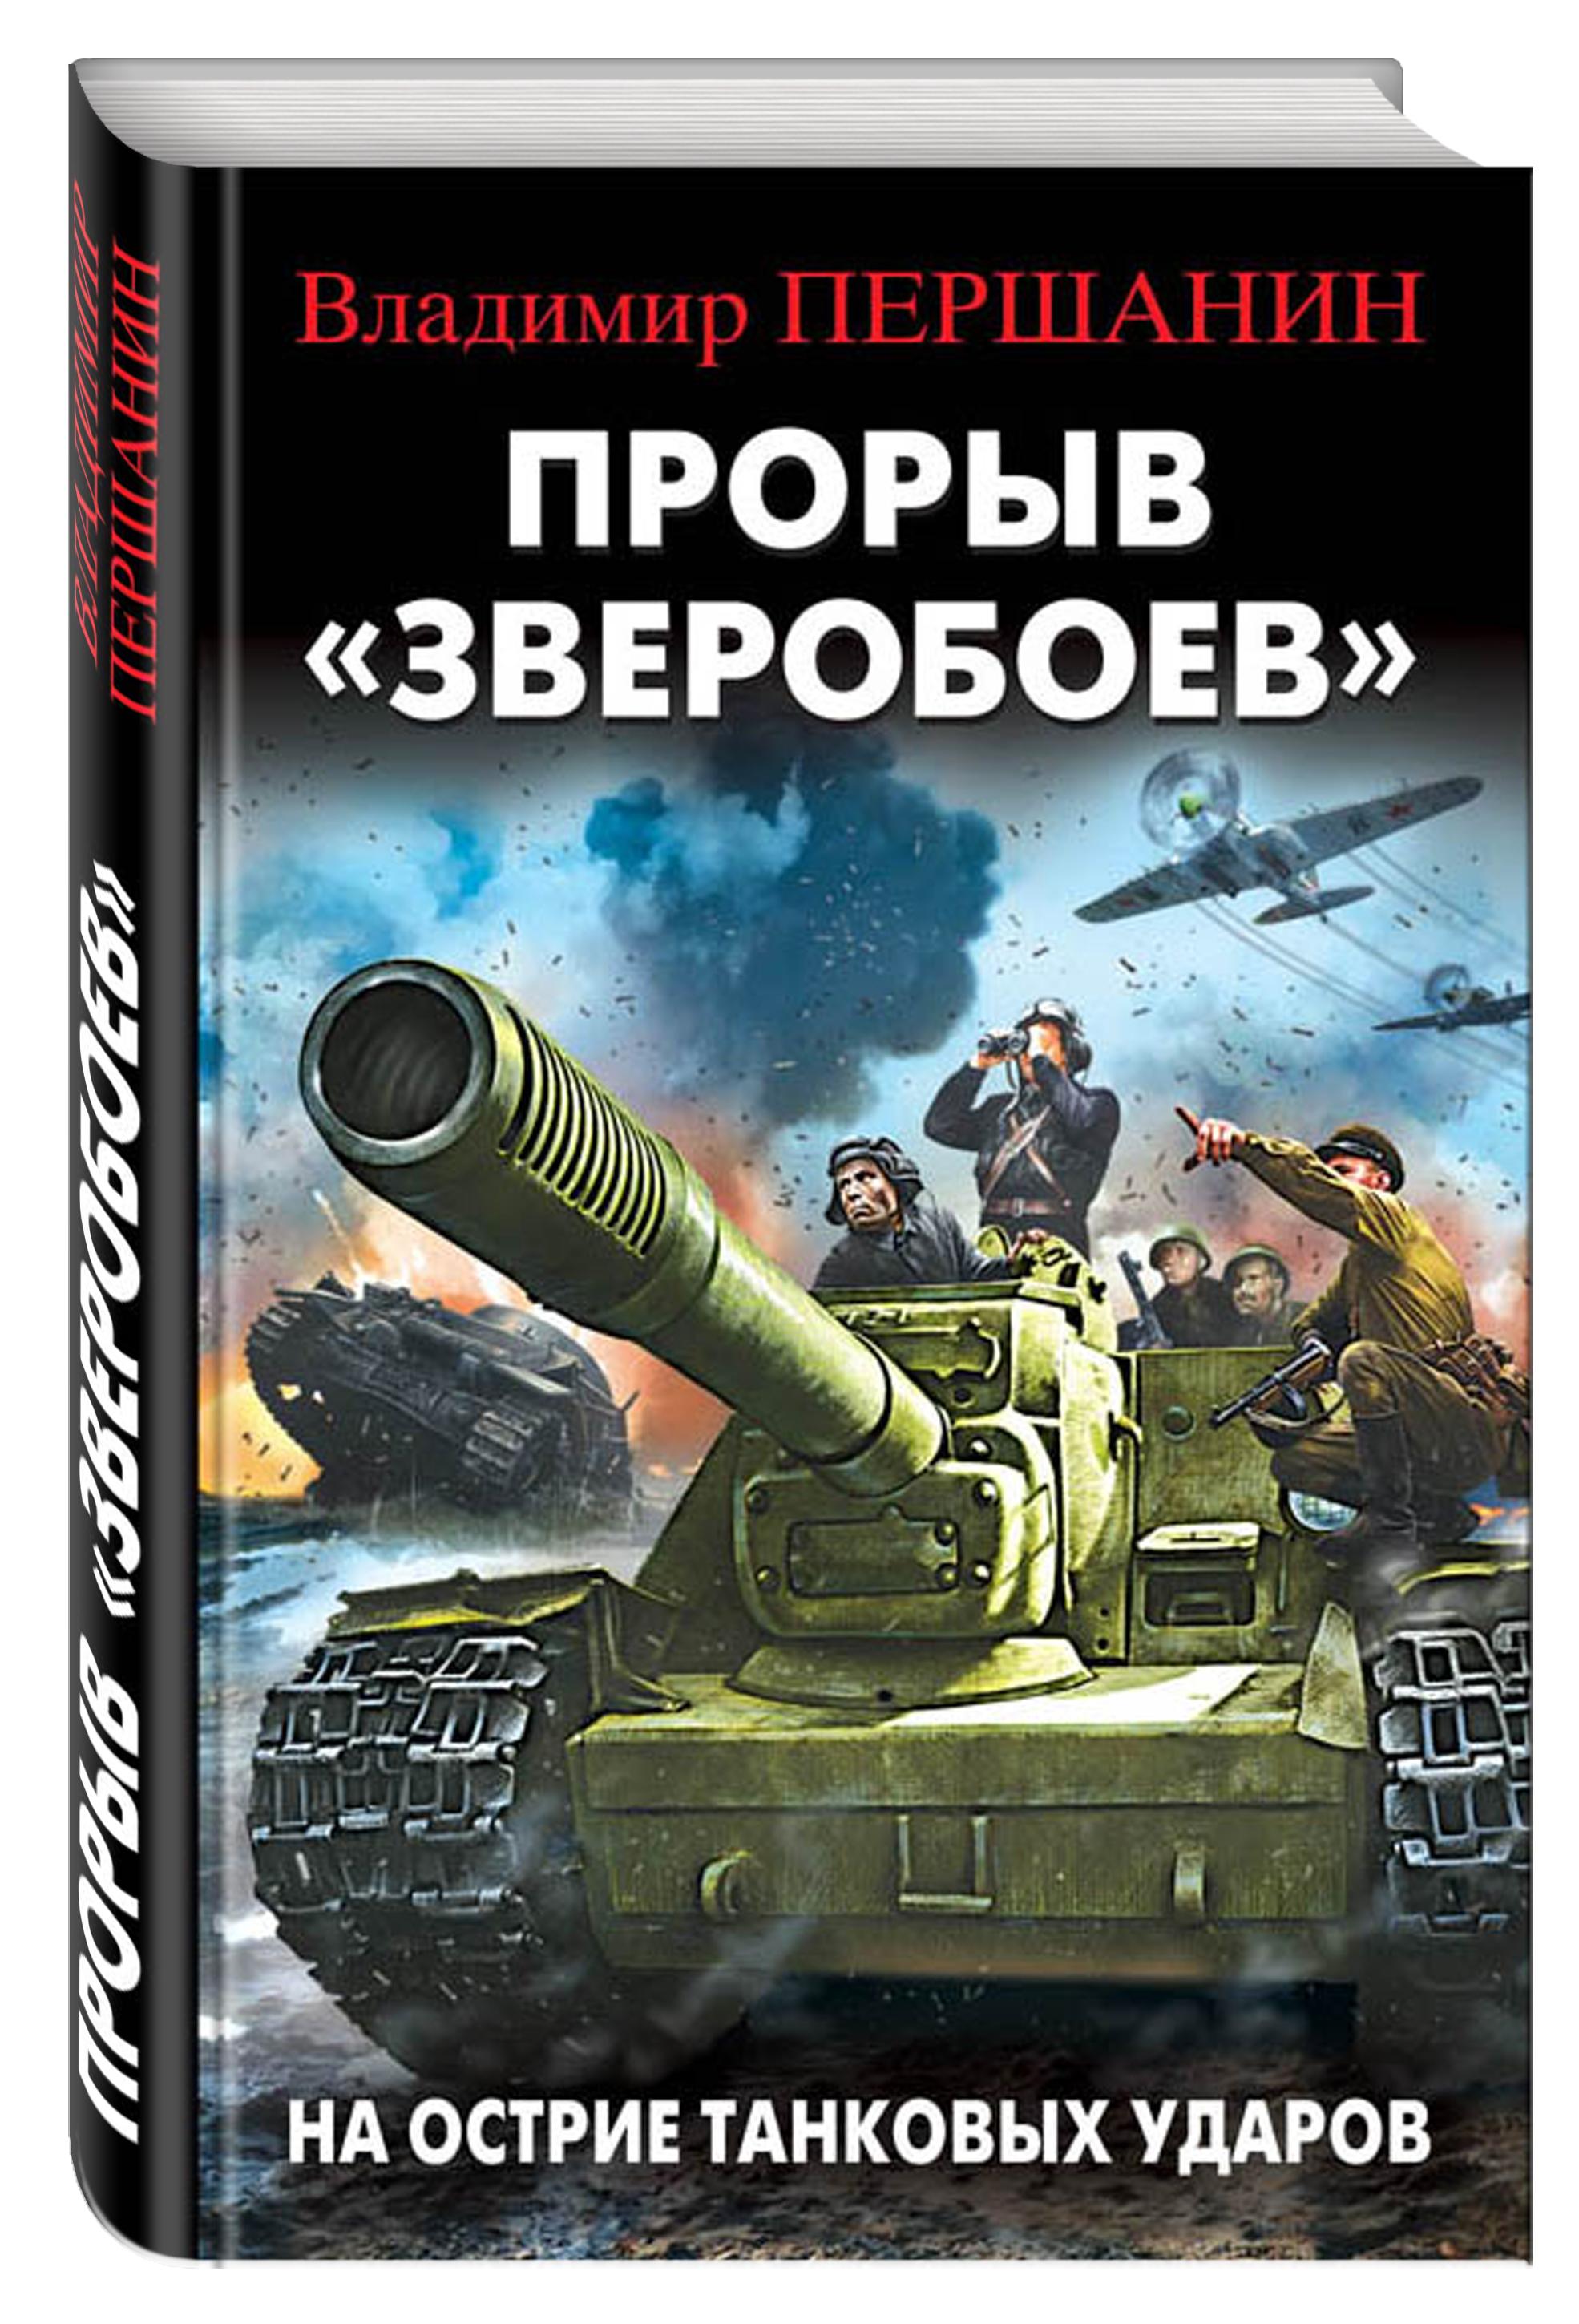 Першанин В.Н. Прорыв «Зверобоев». На острие танковых ударов